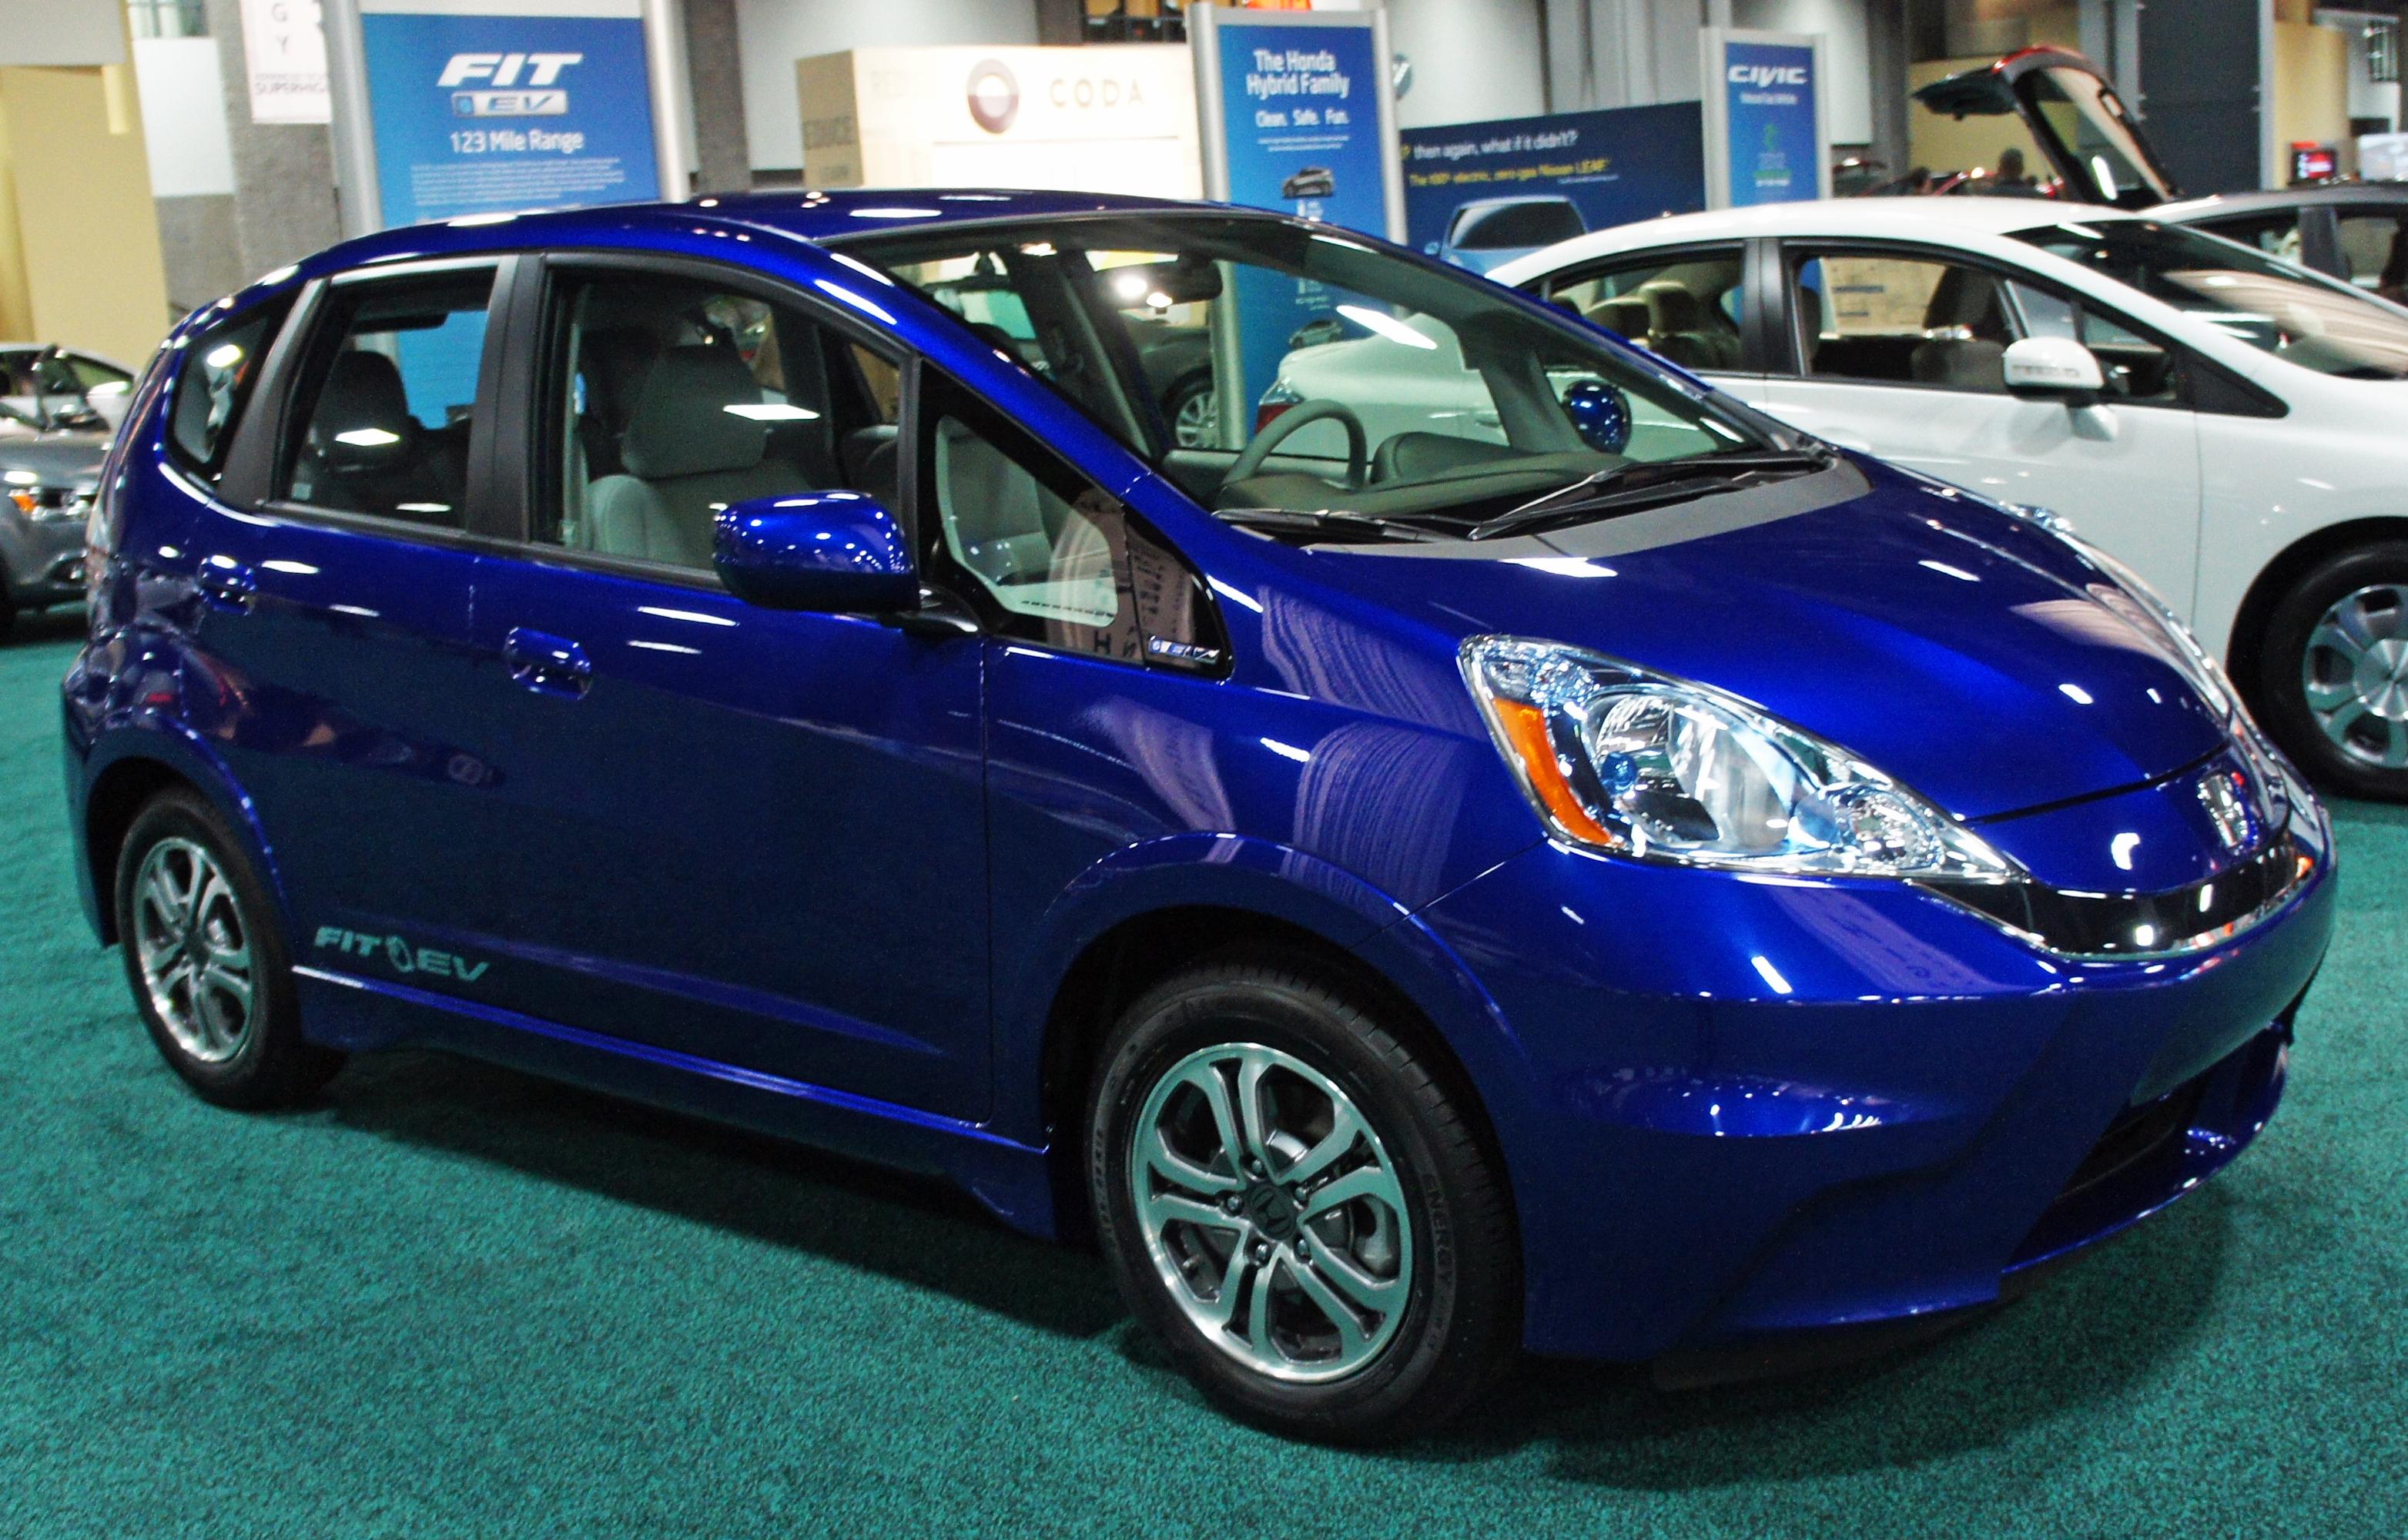 File:Honda Fit EV WAS 2012 0770.JPG